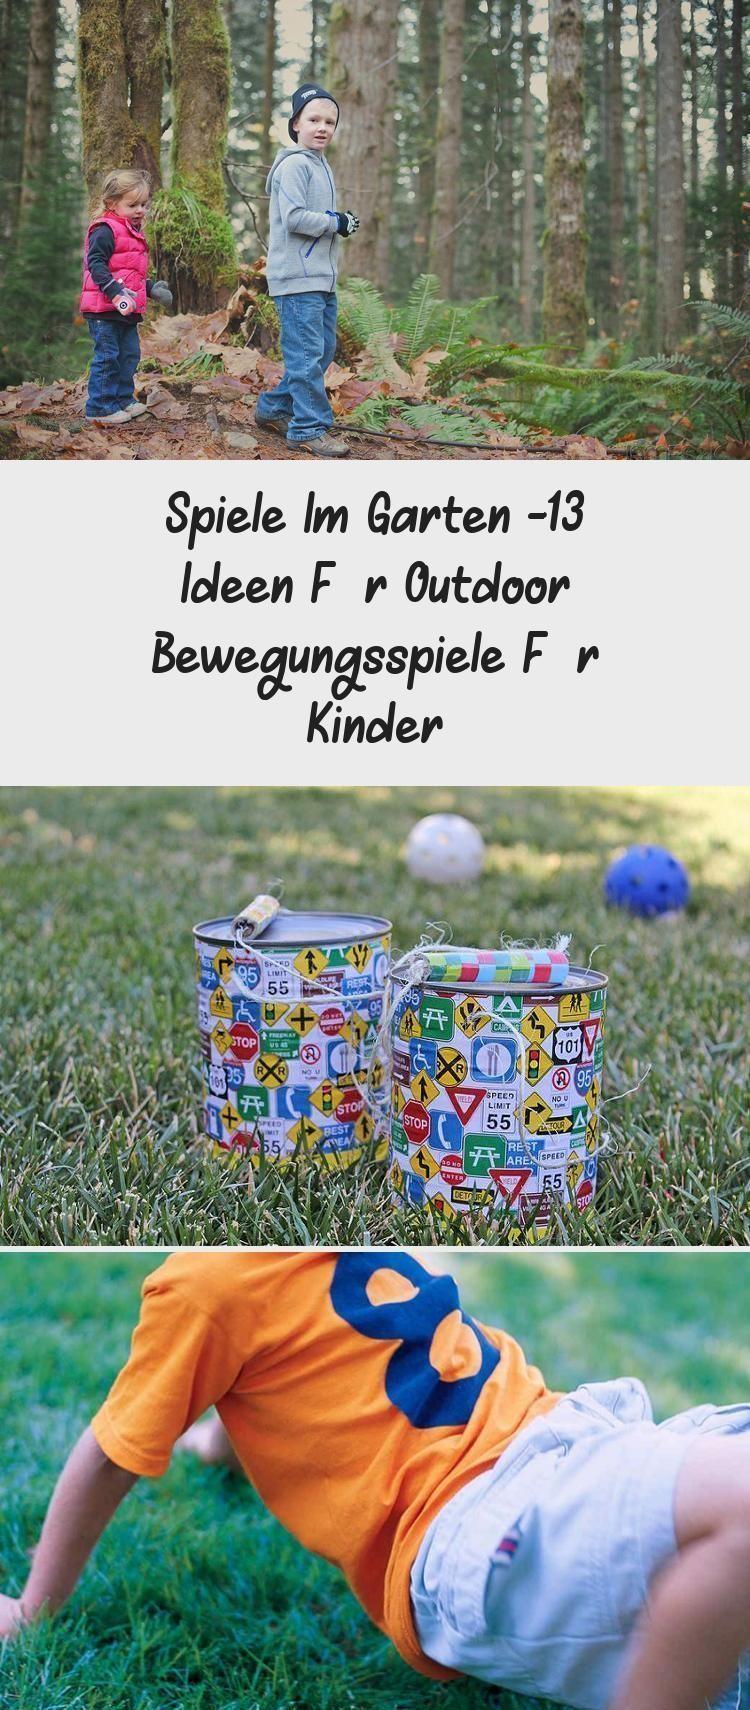 Games In The Garden 13 Ideas For Outdoor Exercise Games For Children In 2020 Spiele Im Garten Outdoor Training Spiele